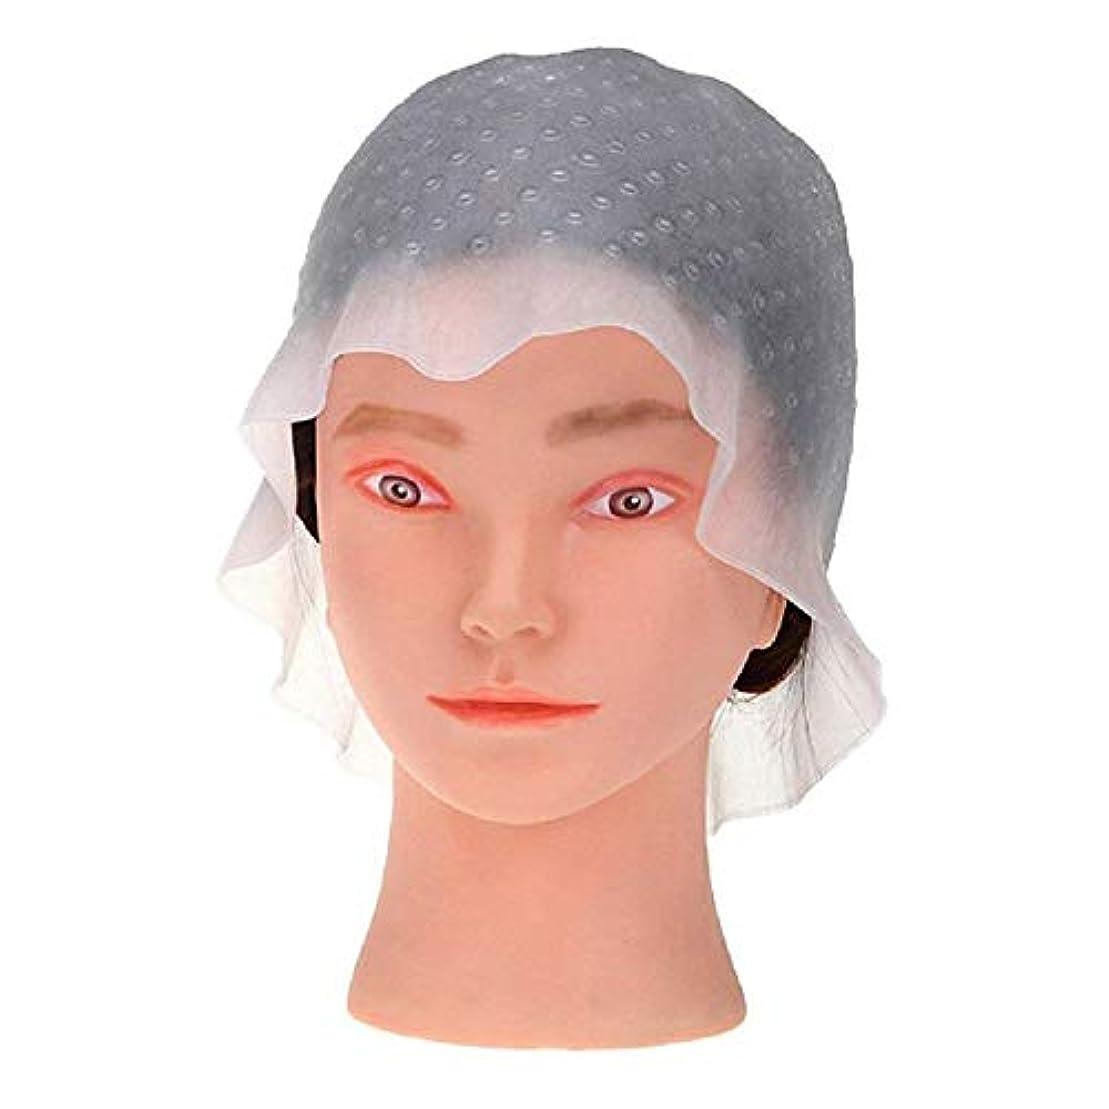 愛ドックペレットヘアキャップ 髪染め用 毛染め ヘアカラー メッシュ シリコン ウィービング 使用やすい DIY 自宅 洗って使える 再利用可能